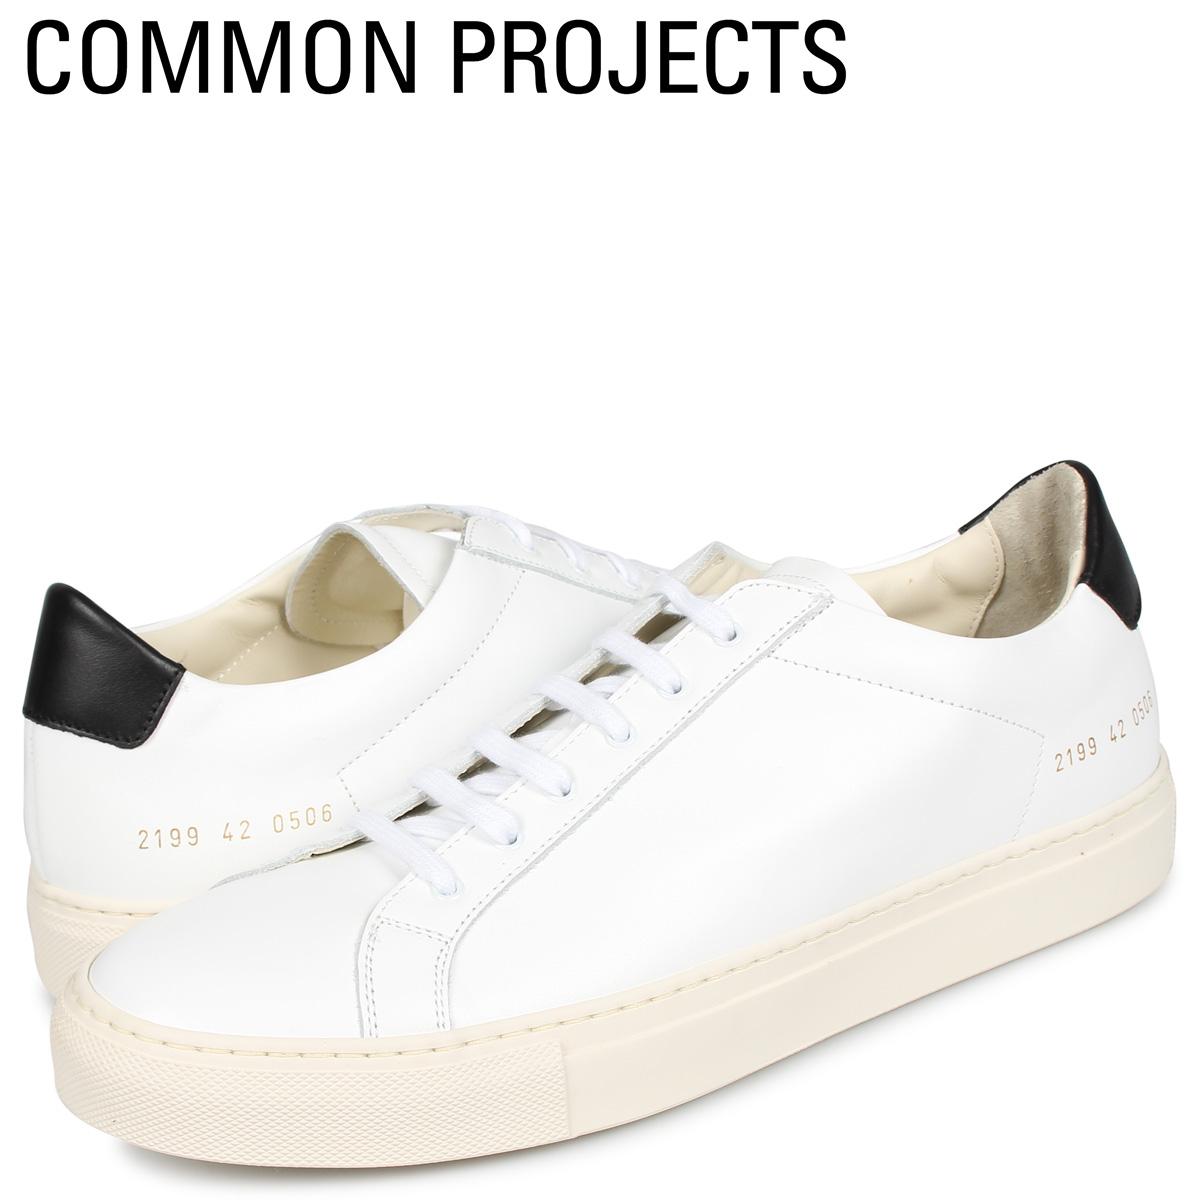 コモンプロジェクト Common Projects レトロ ロー スニーカー メンズ RETRO LOW ホワイト 白 2199-0506